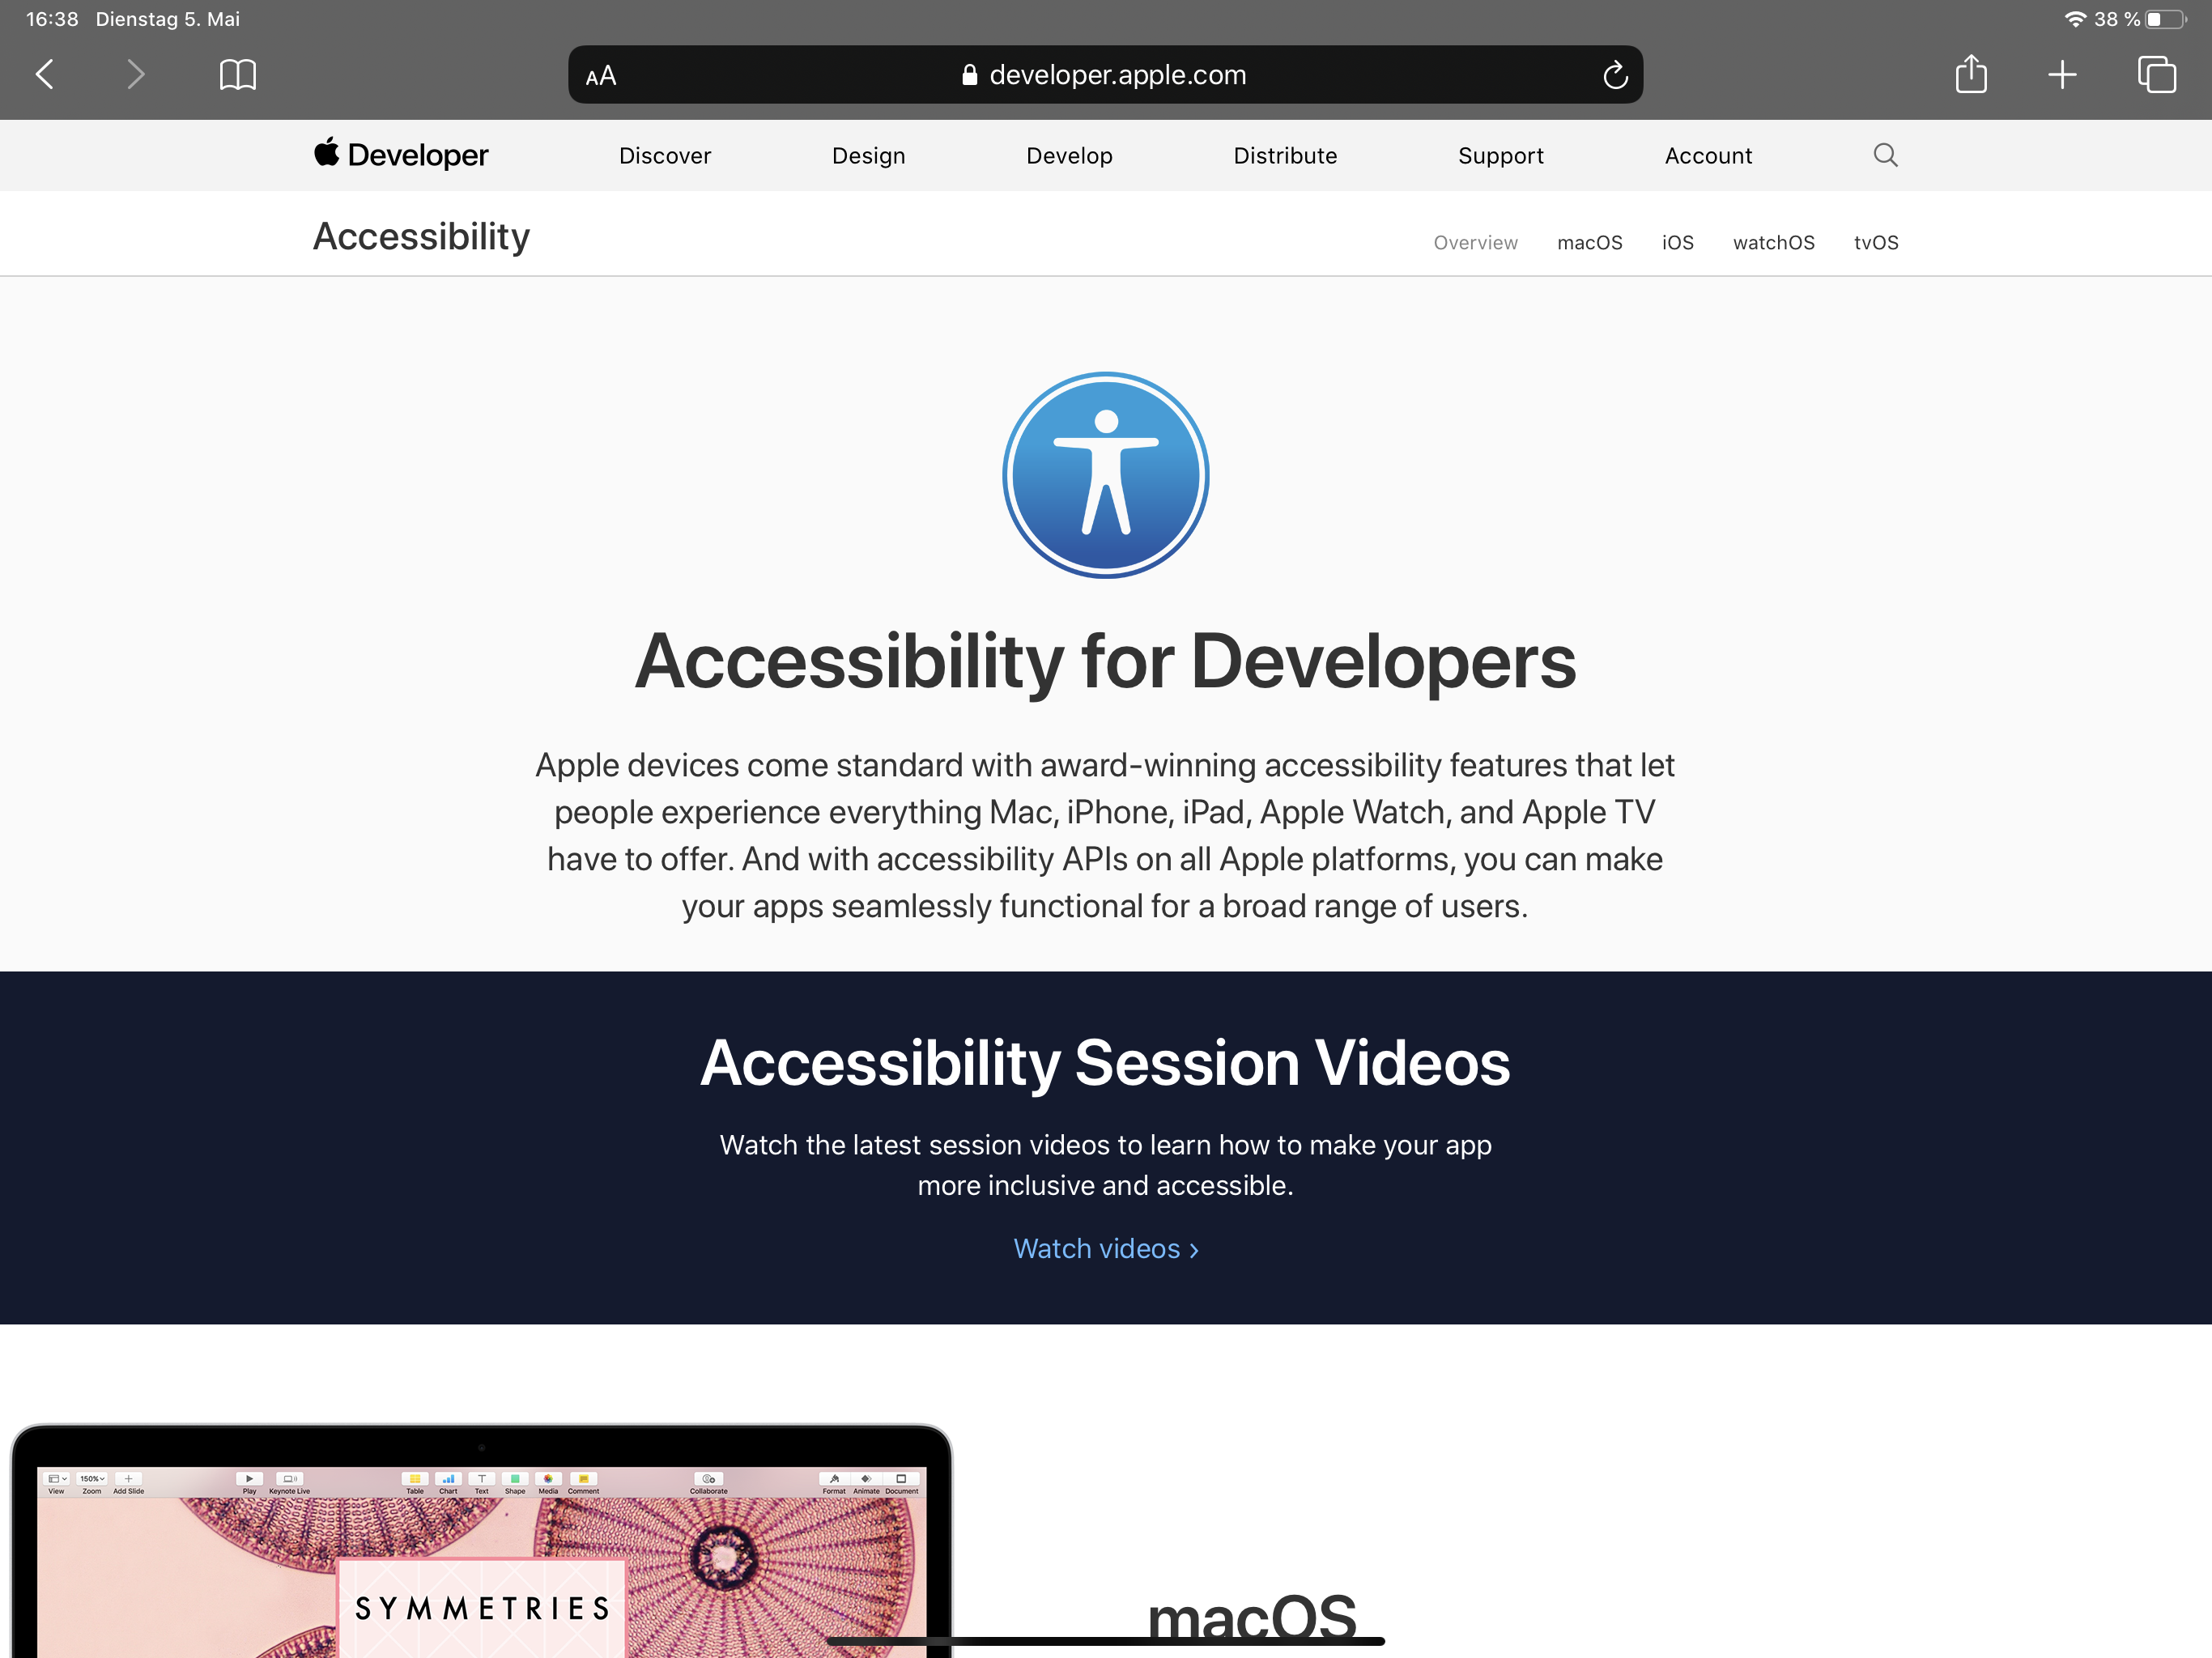 Die offizielle Accessibility-Seite von Apple stellt einen idealen Einstieg in die Thematik dar.